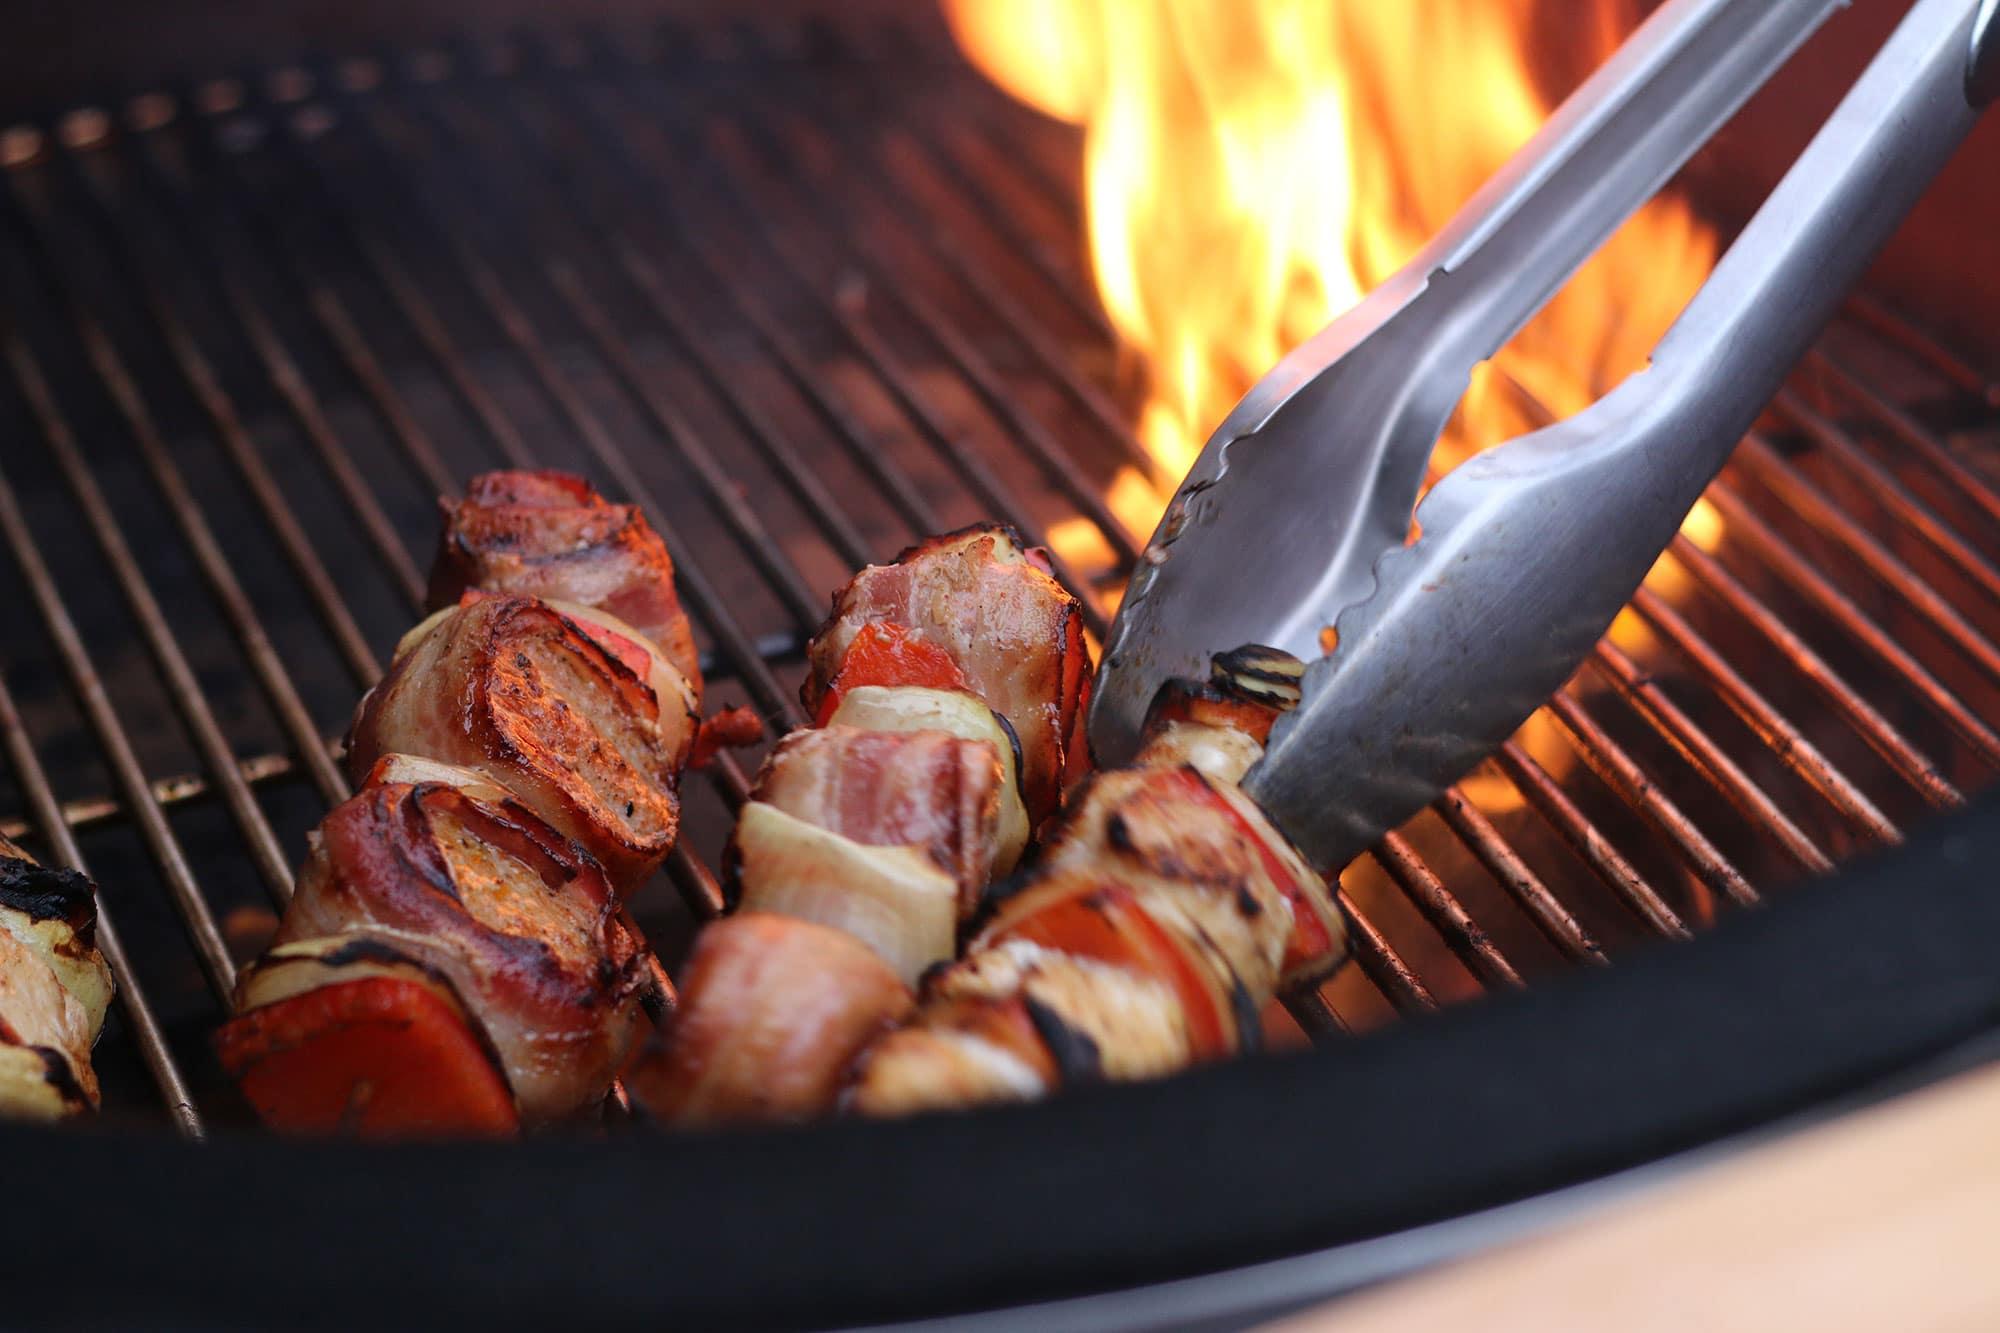 Grillspieße selber machen und richtig grillen